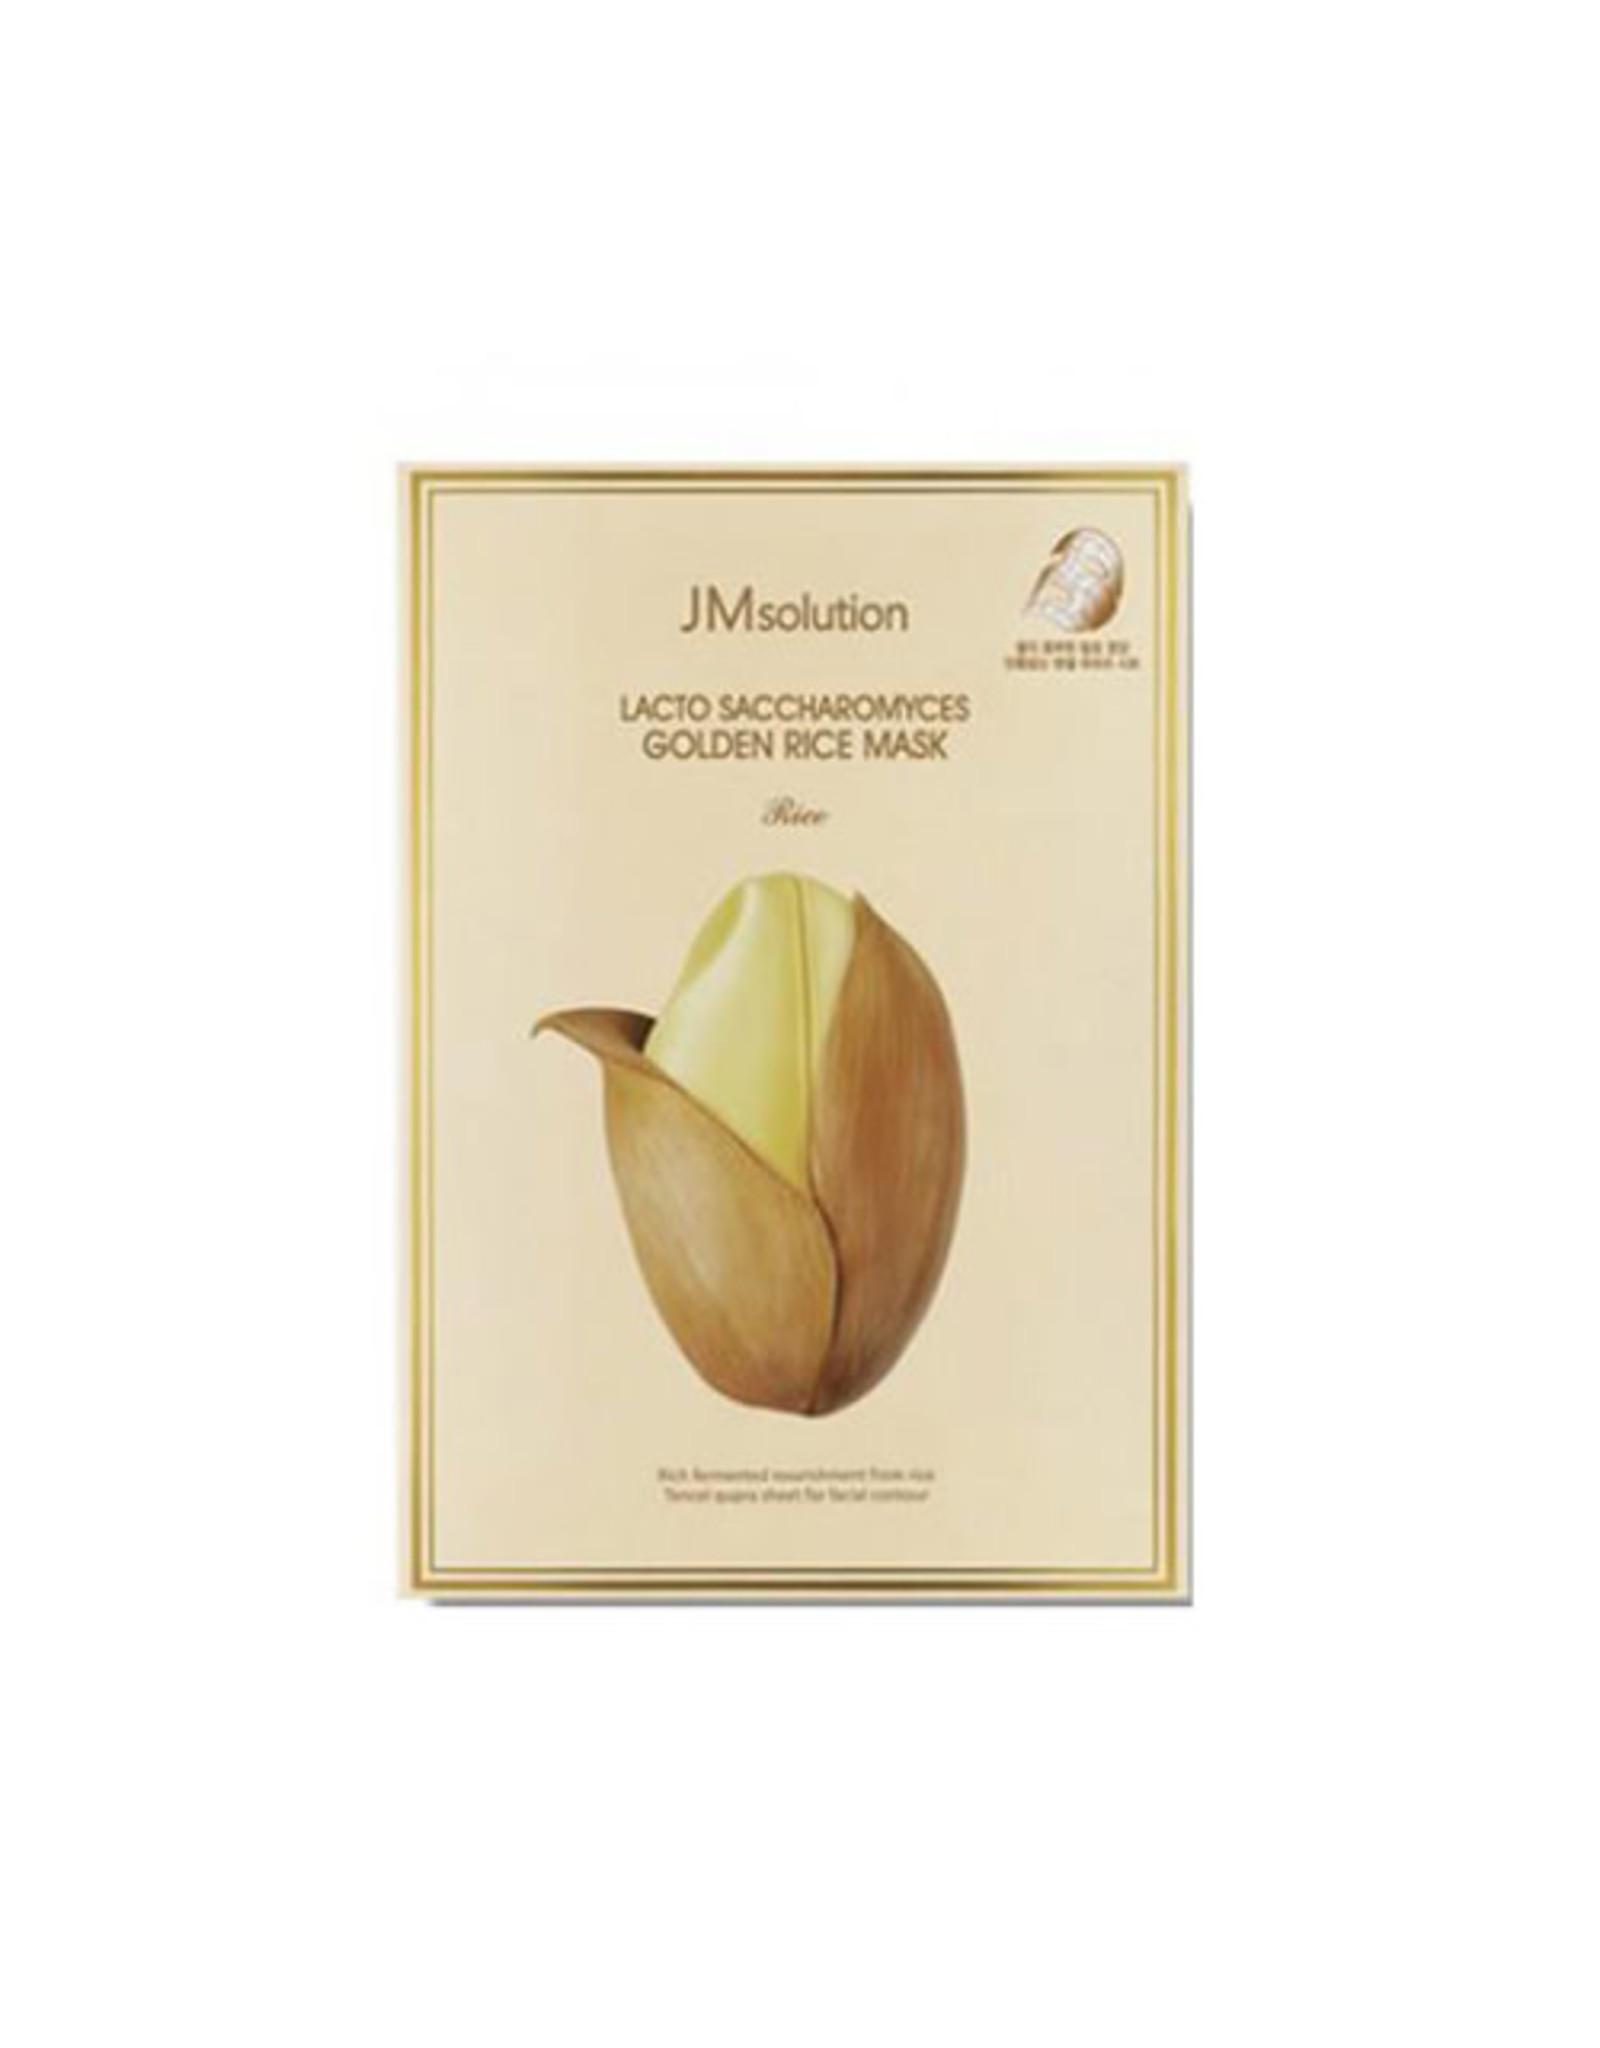 JM Solution JM Solution Lacto Saccharomyces Golden Rice Mask